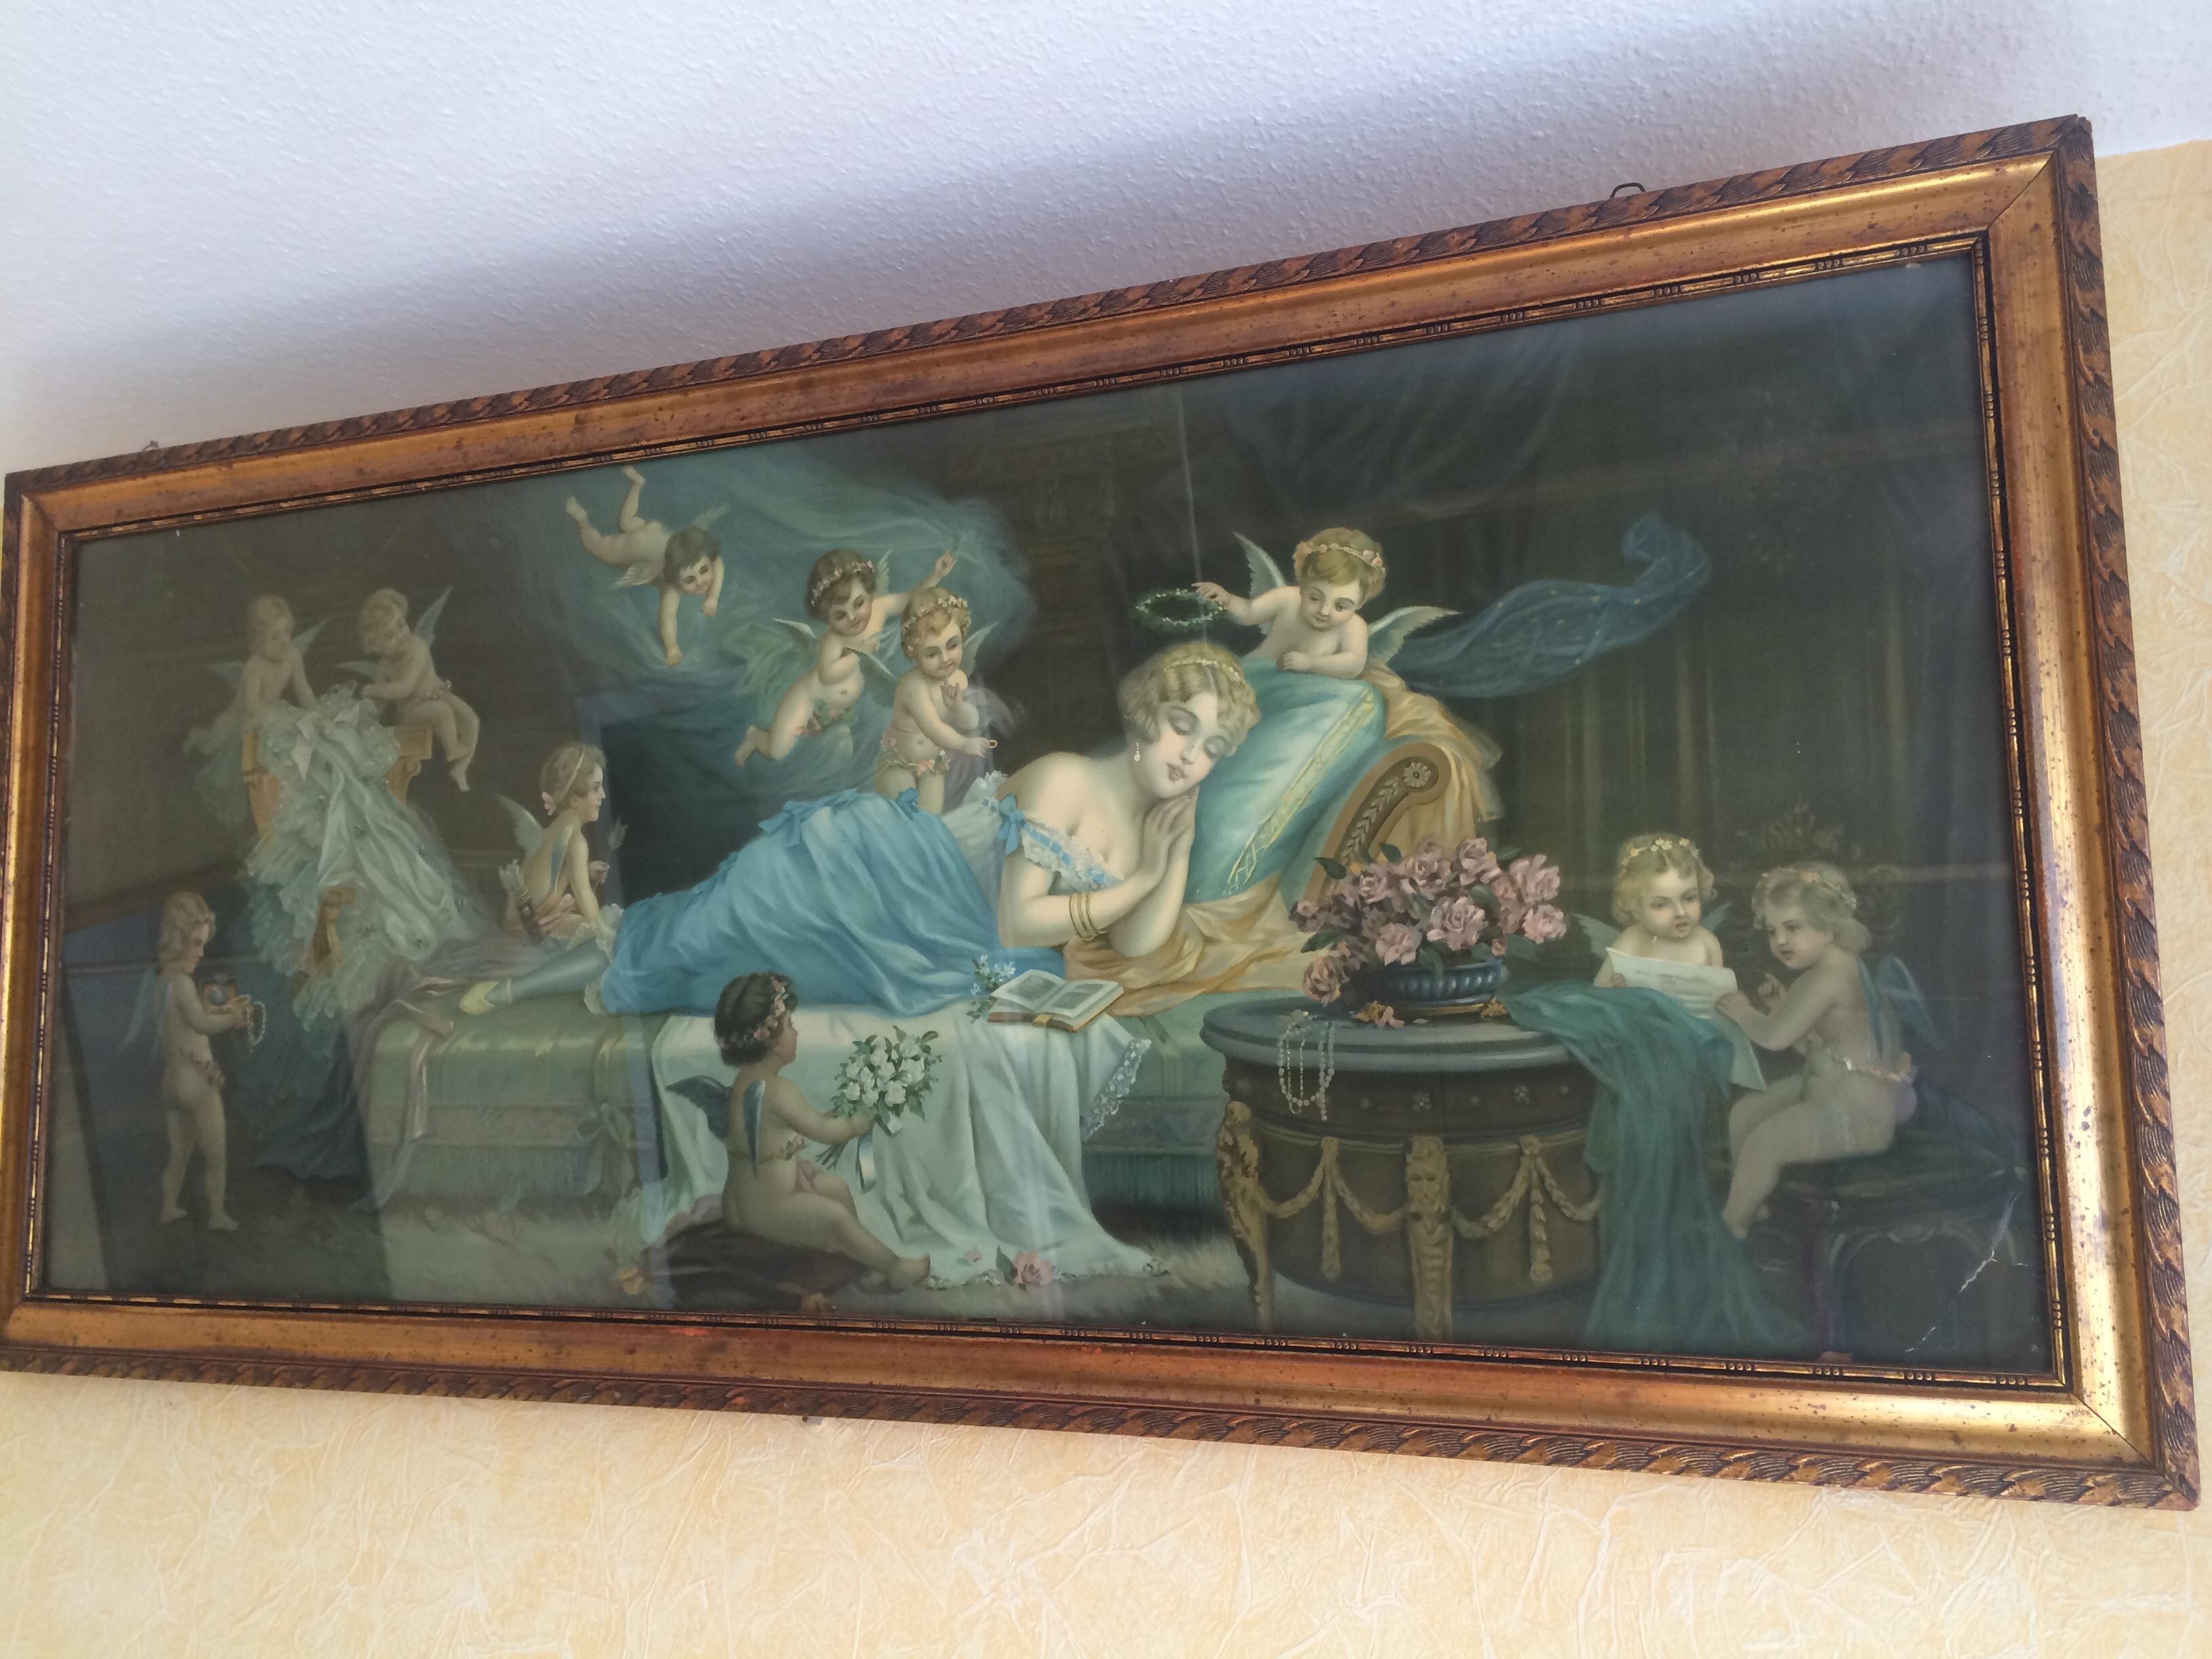 Wer Kennt Dieses Gemälde? Von Wem/wie Heißt Es? (Kunst